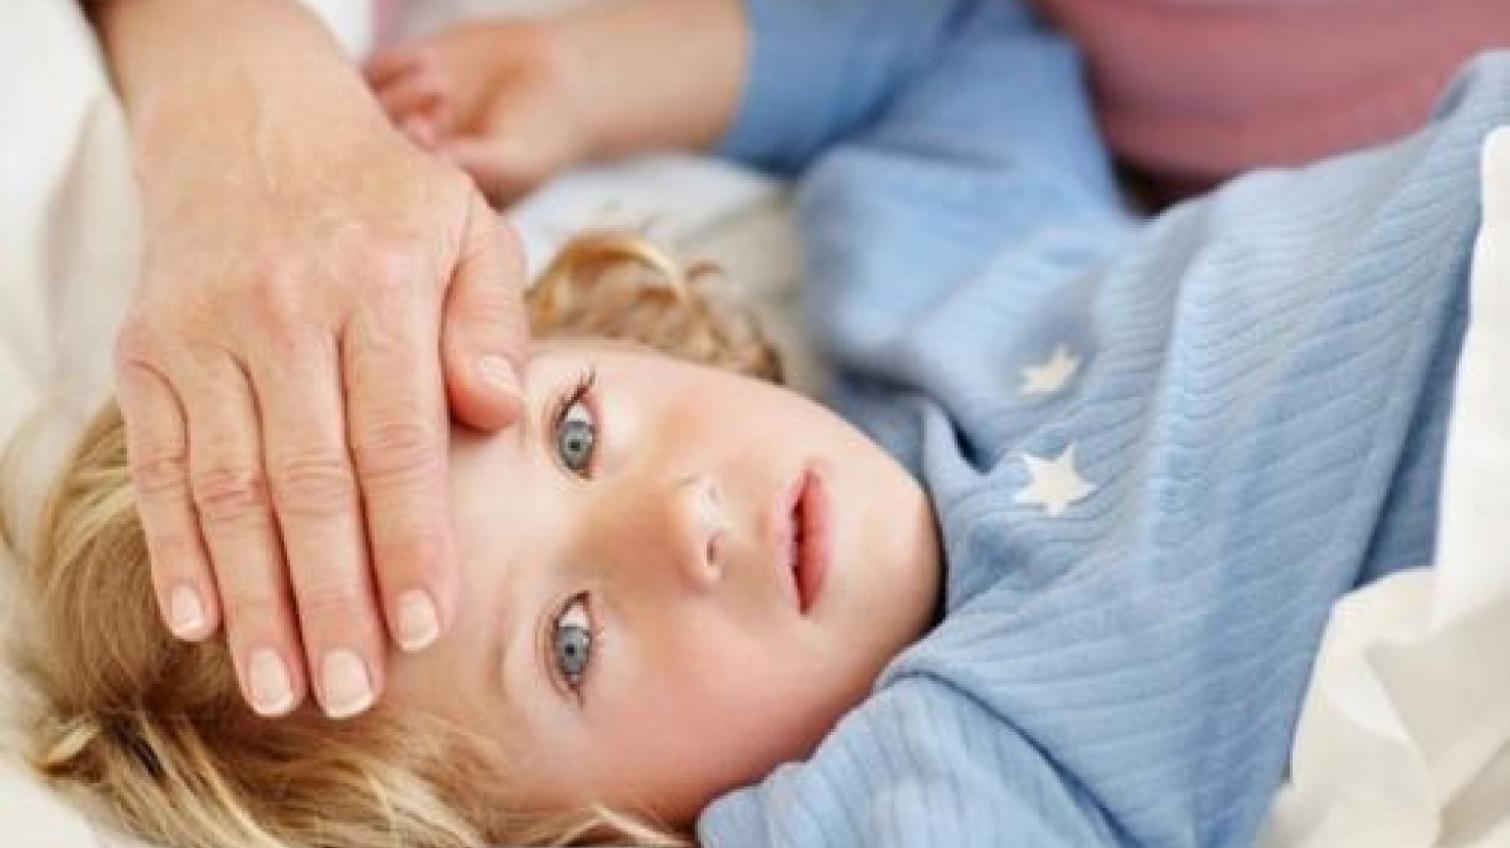 В Минздраве дали рекомендацию как выявить полиомиелит у ребенка «фото»